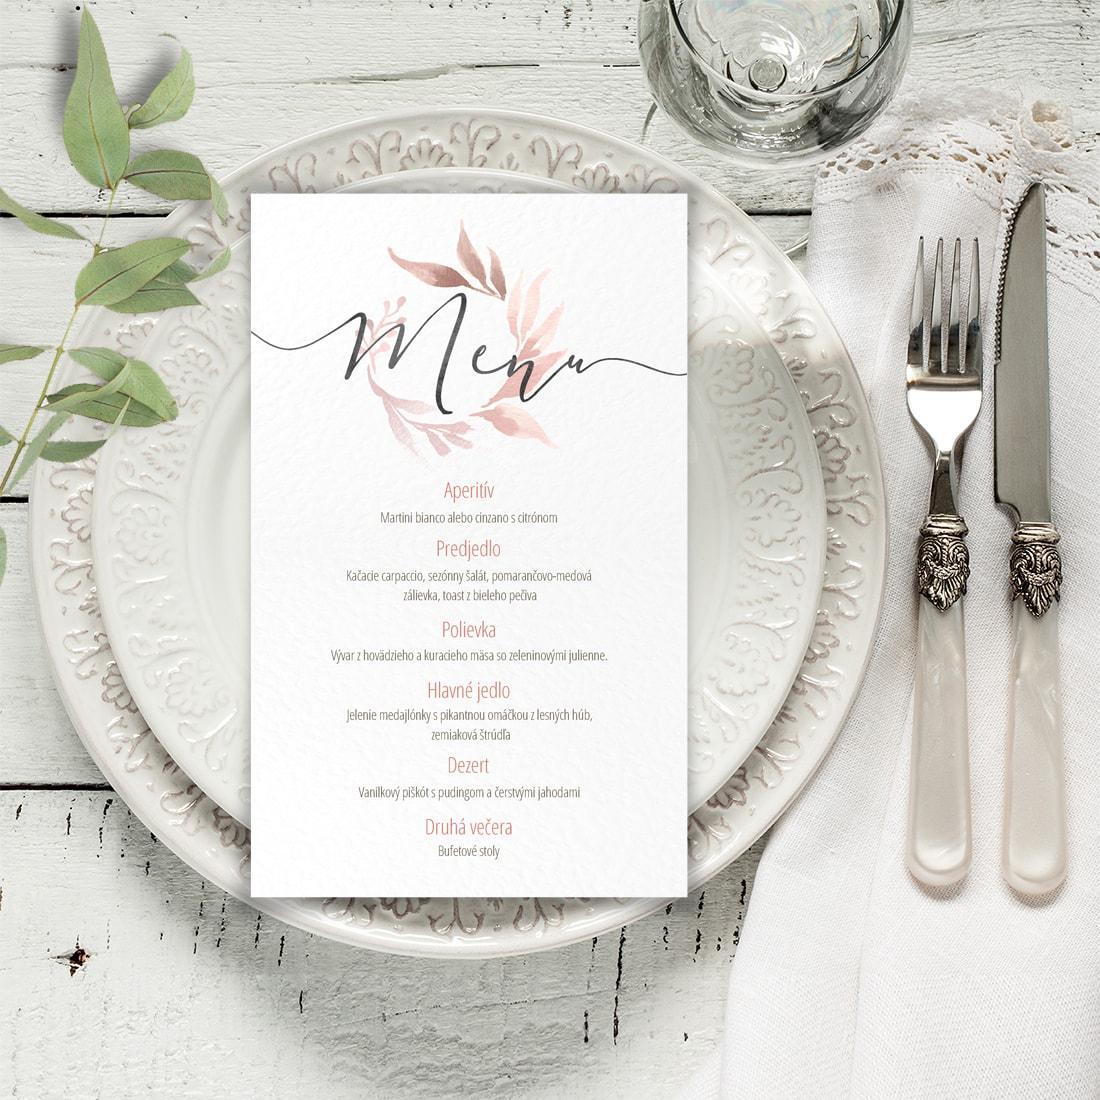 Svadobné menu - Obrázok č. 6